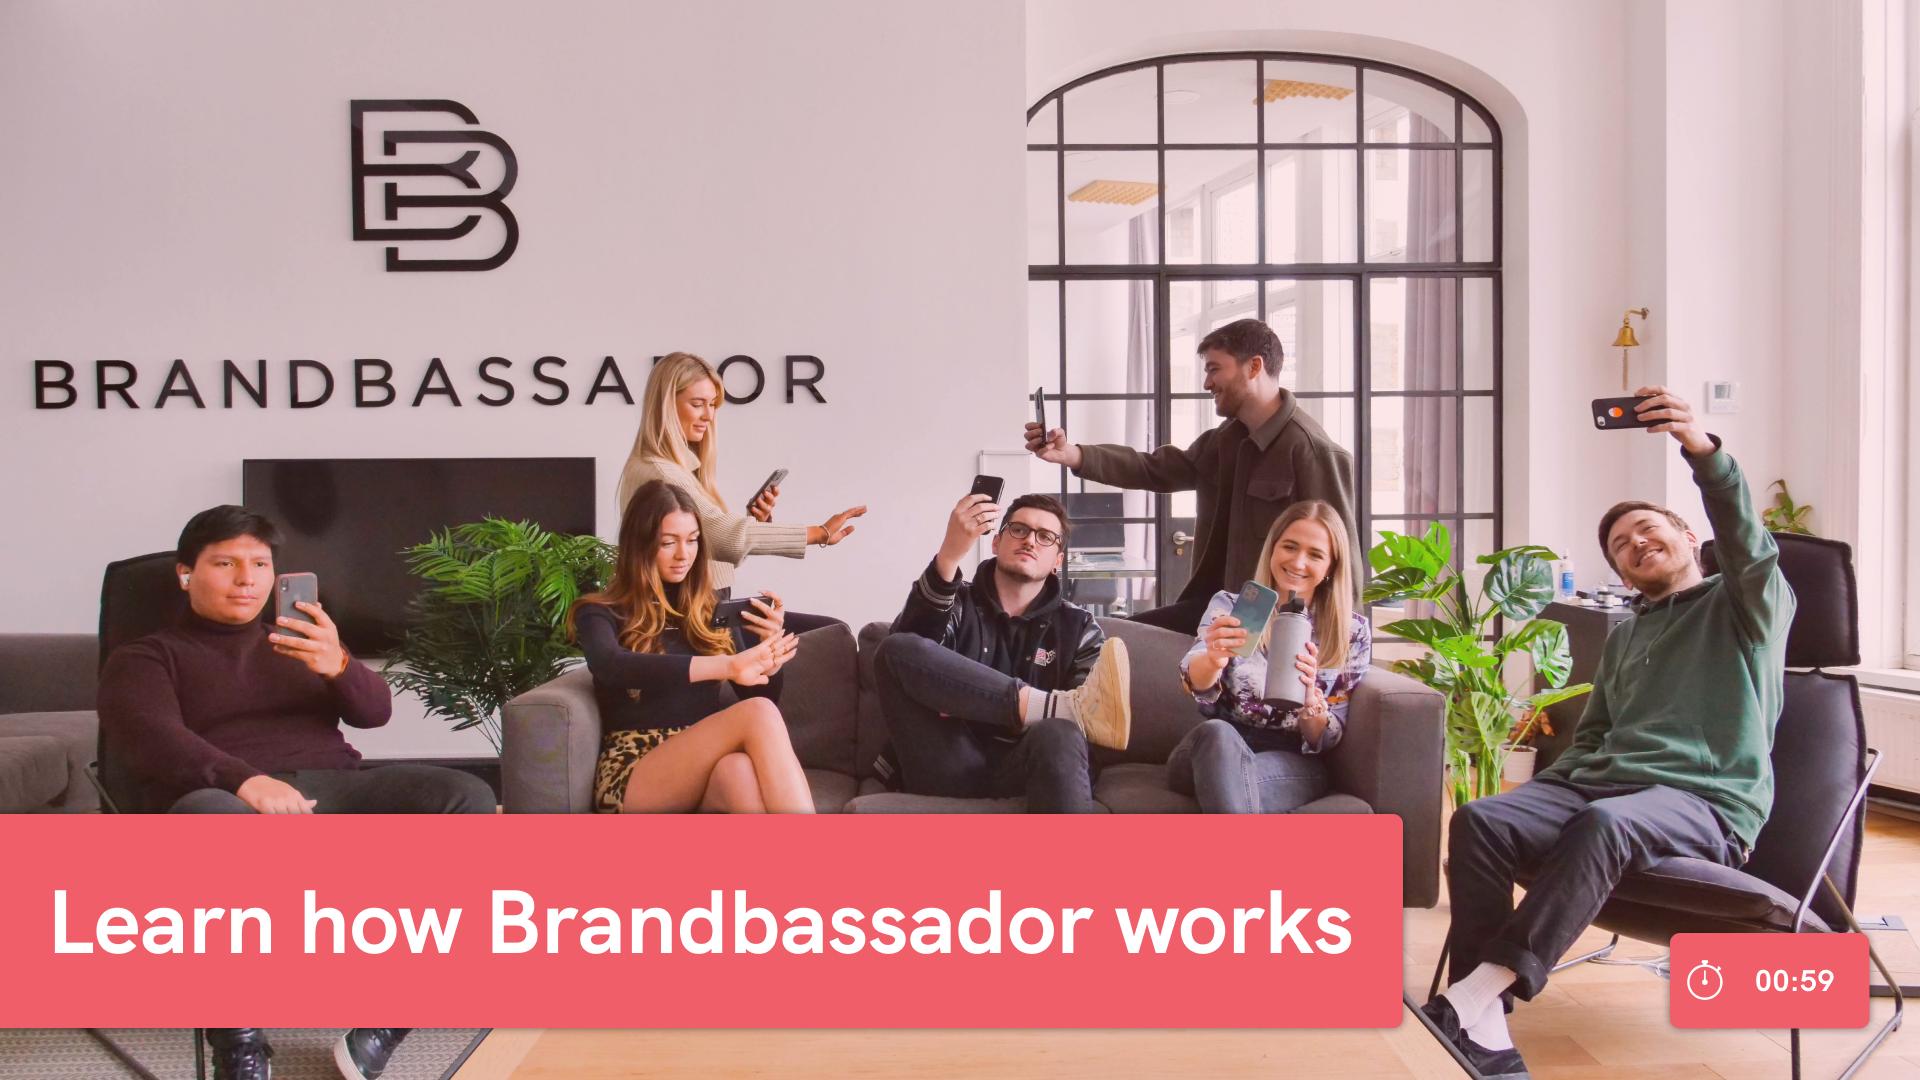 Brandbassador - the Ultimate Ambassador Management Platform for Fast Growing Ecommerce Brands